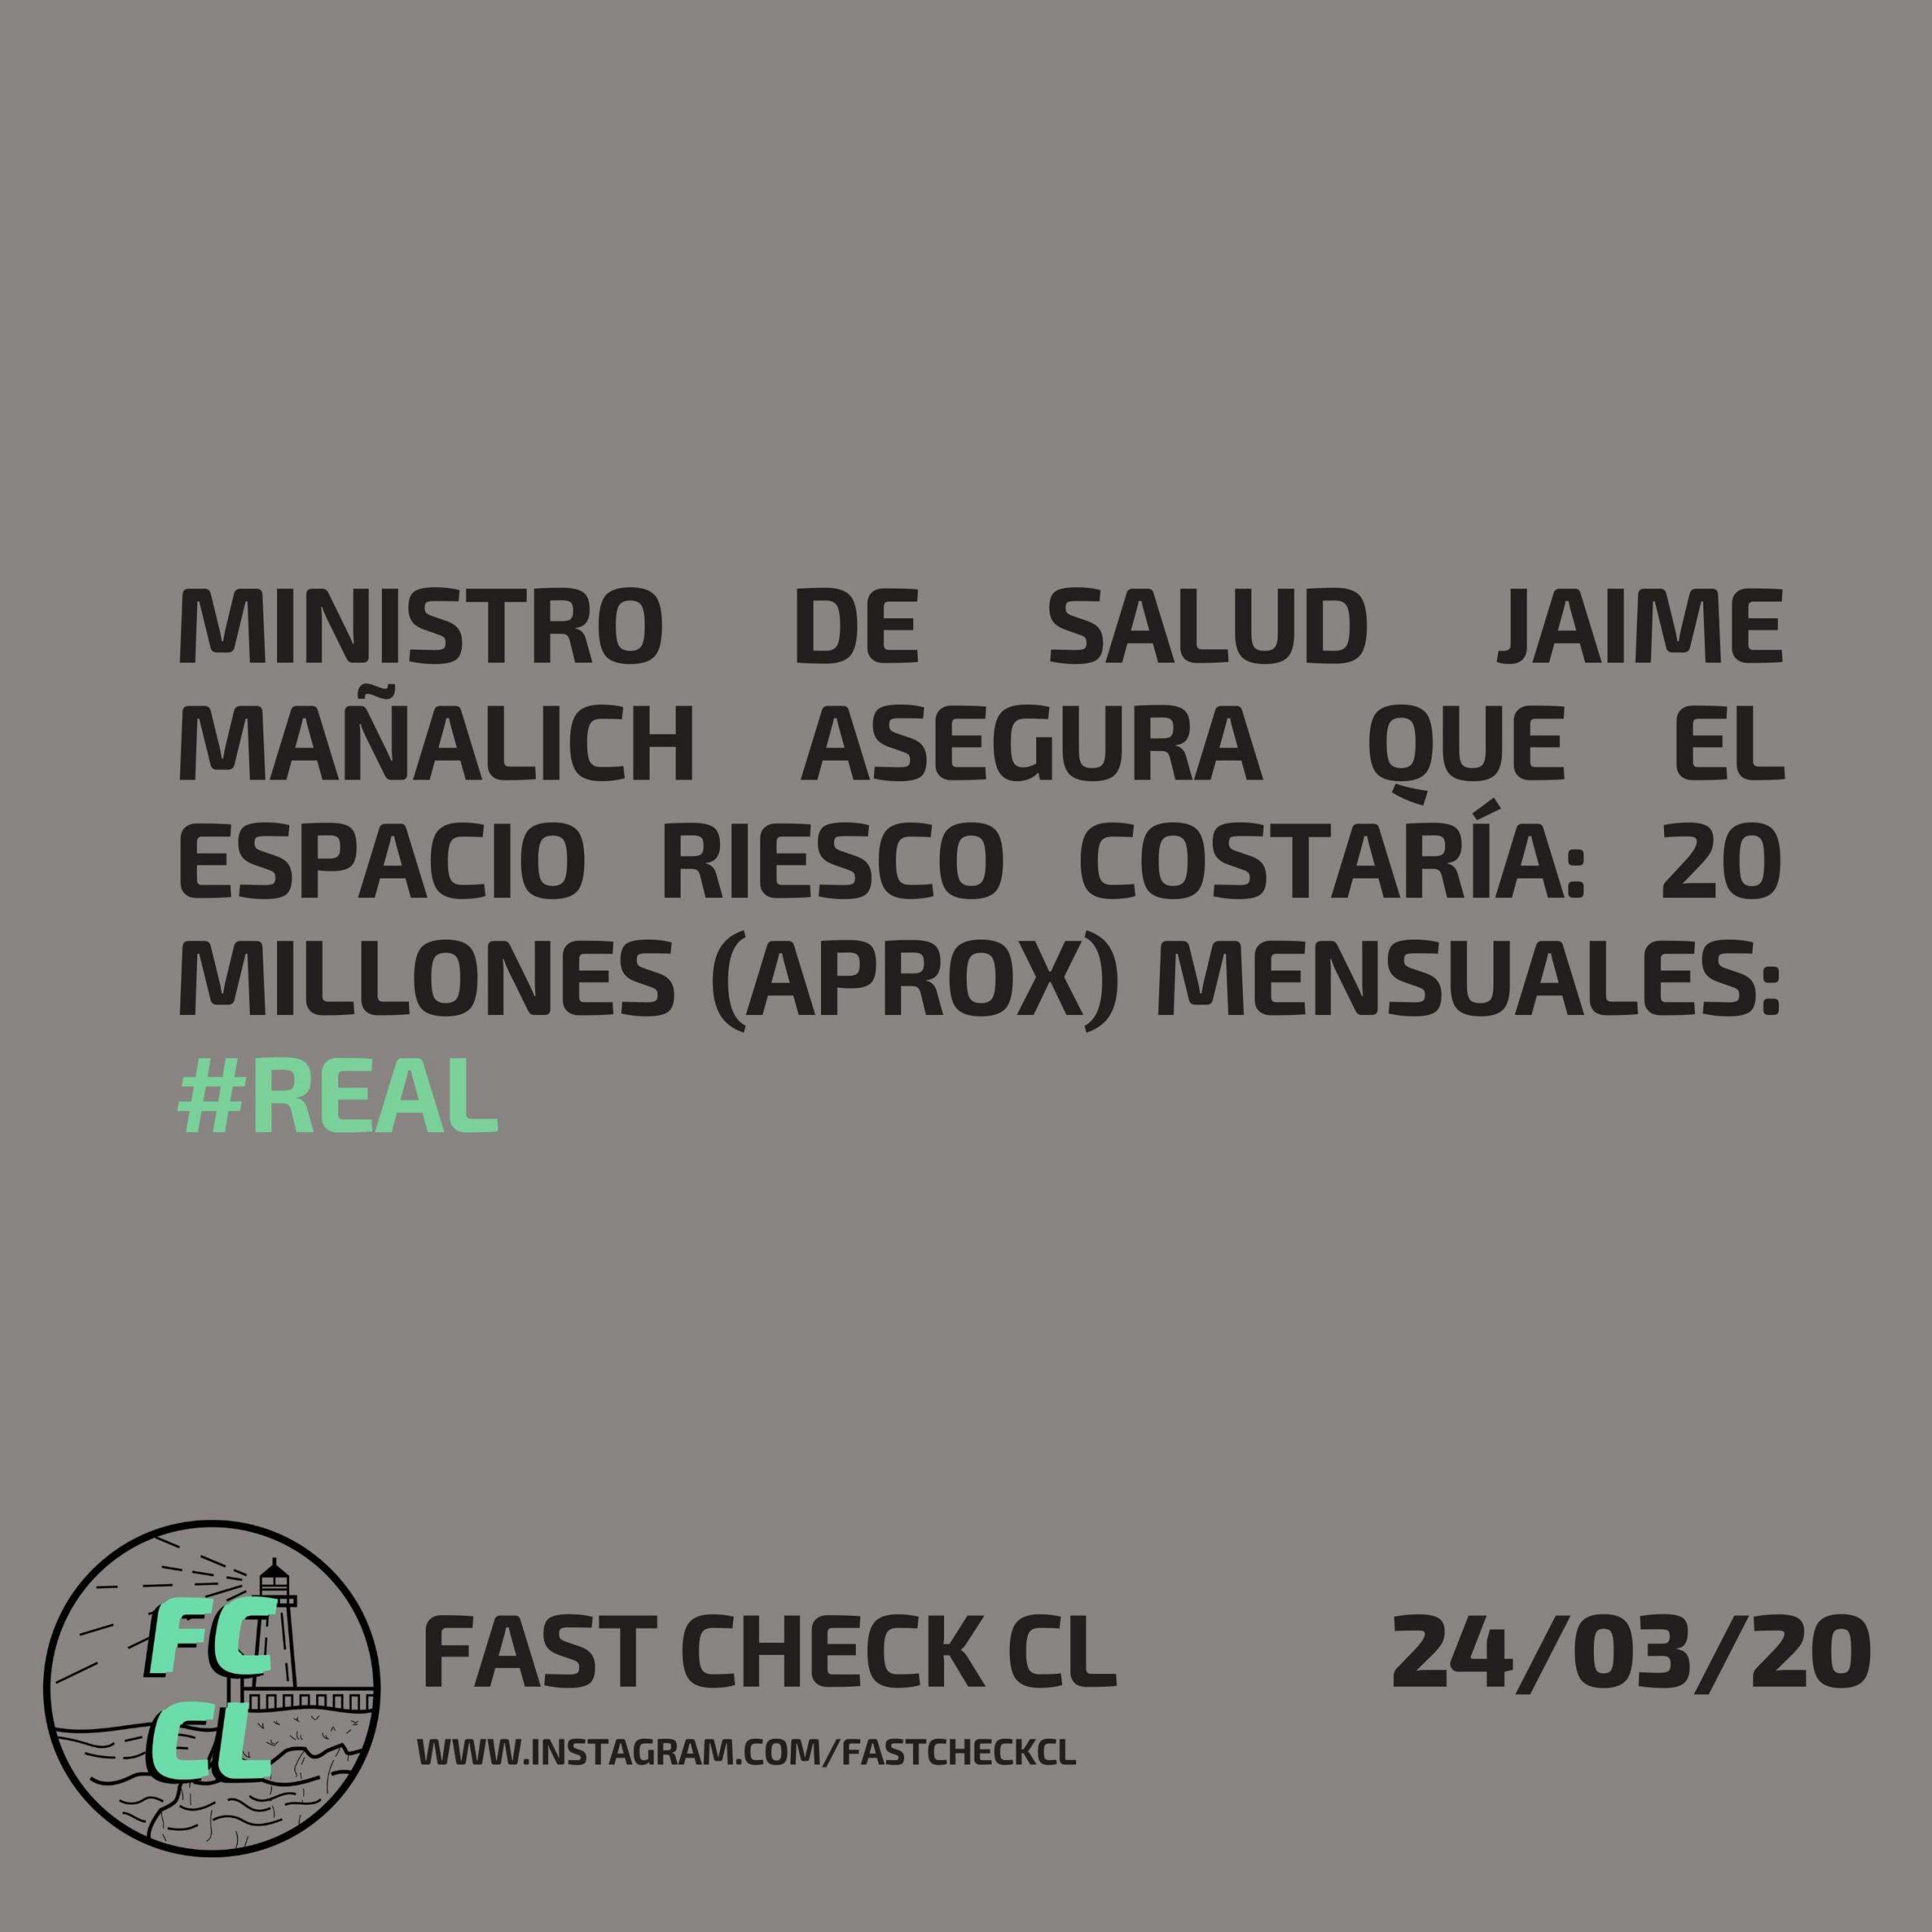 Ministrode Salud Jaime Mañalich asegura que el Espacio Riesco costaría: 20 millones (aprox) mensuales: #Real